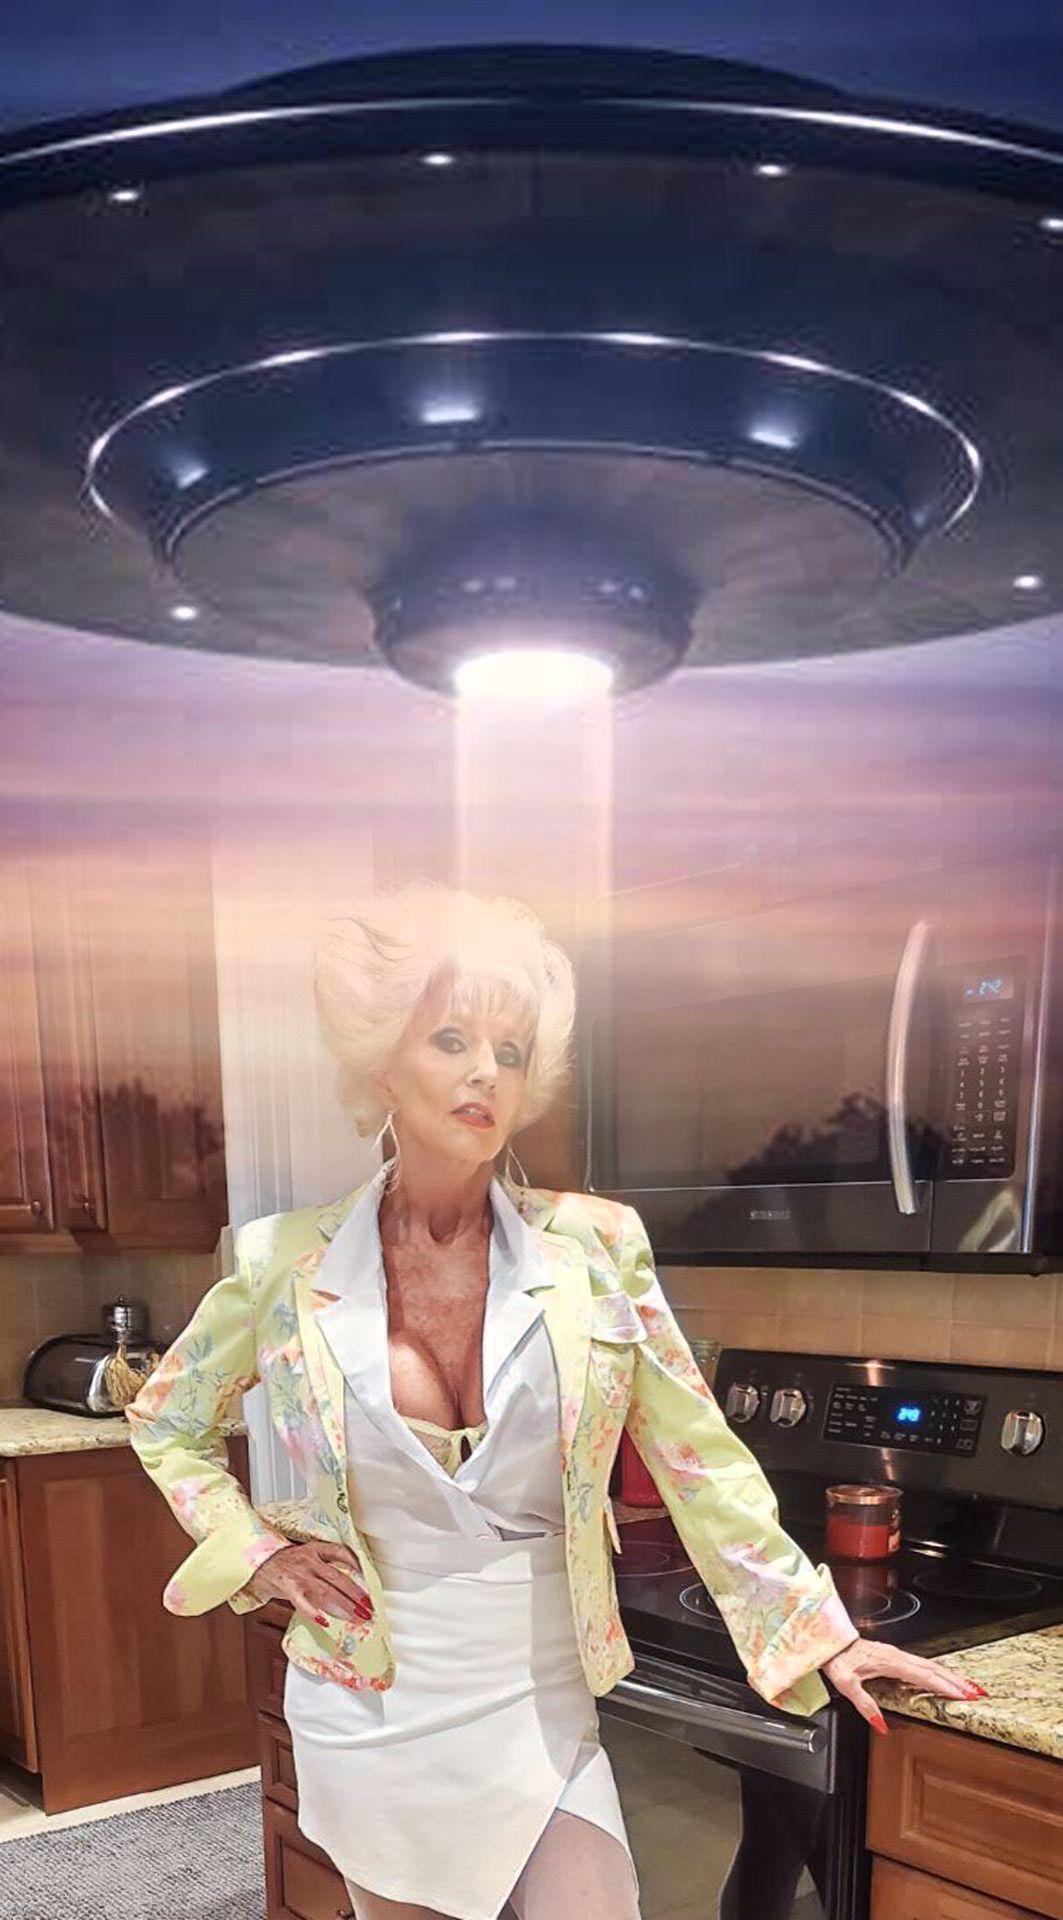 TW Pornstars - Sally DAngelo. Twitter. Alien movie coming